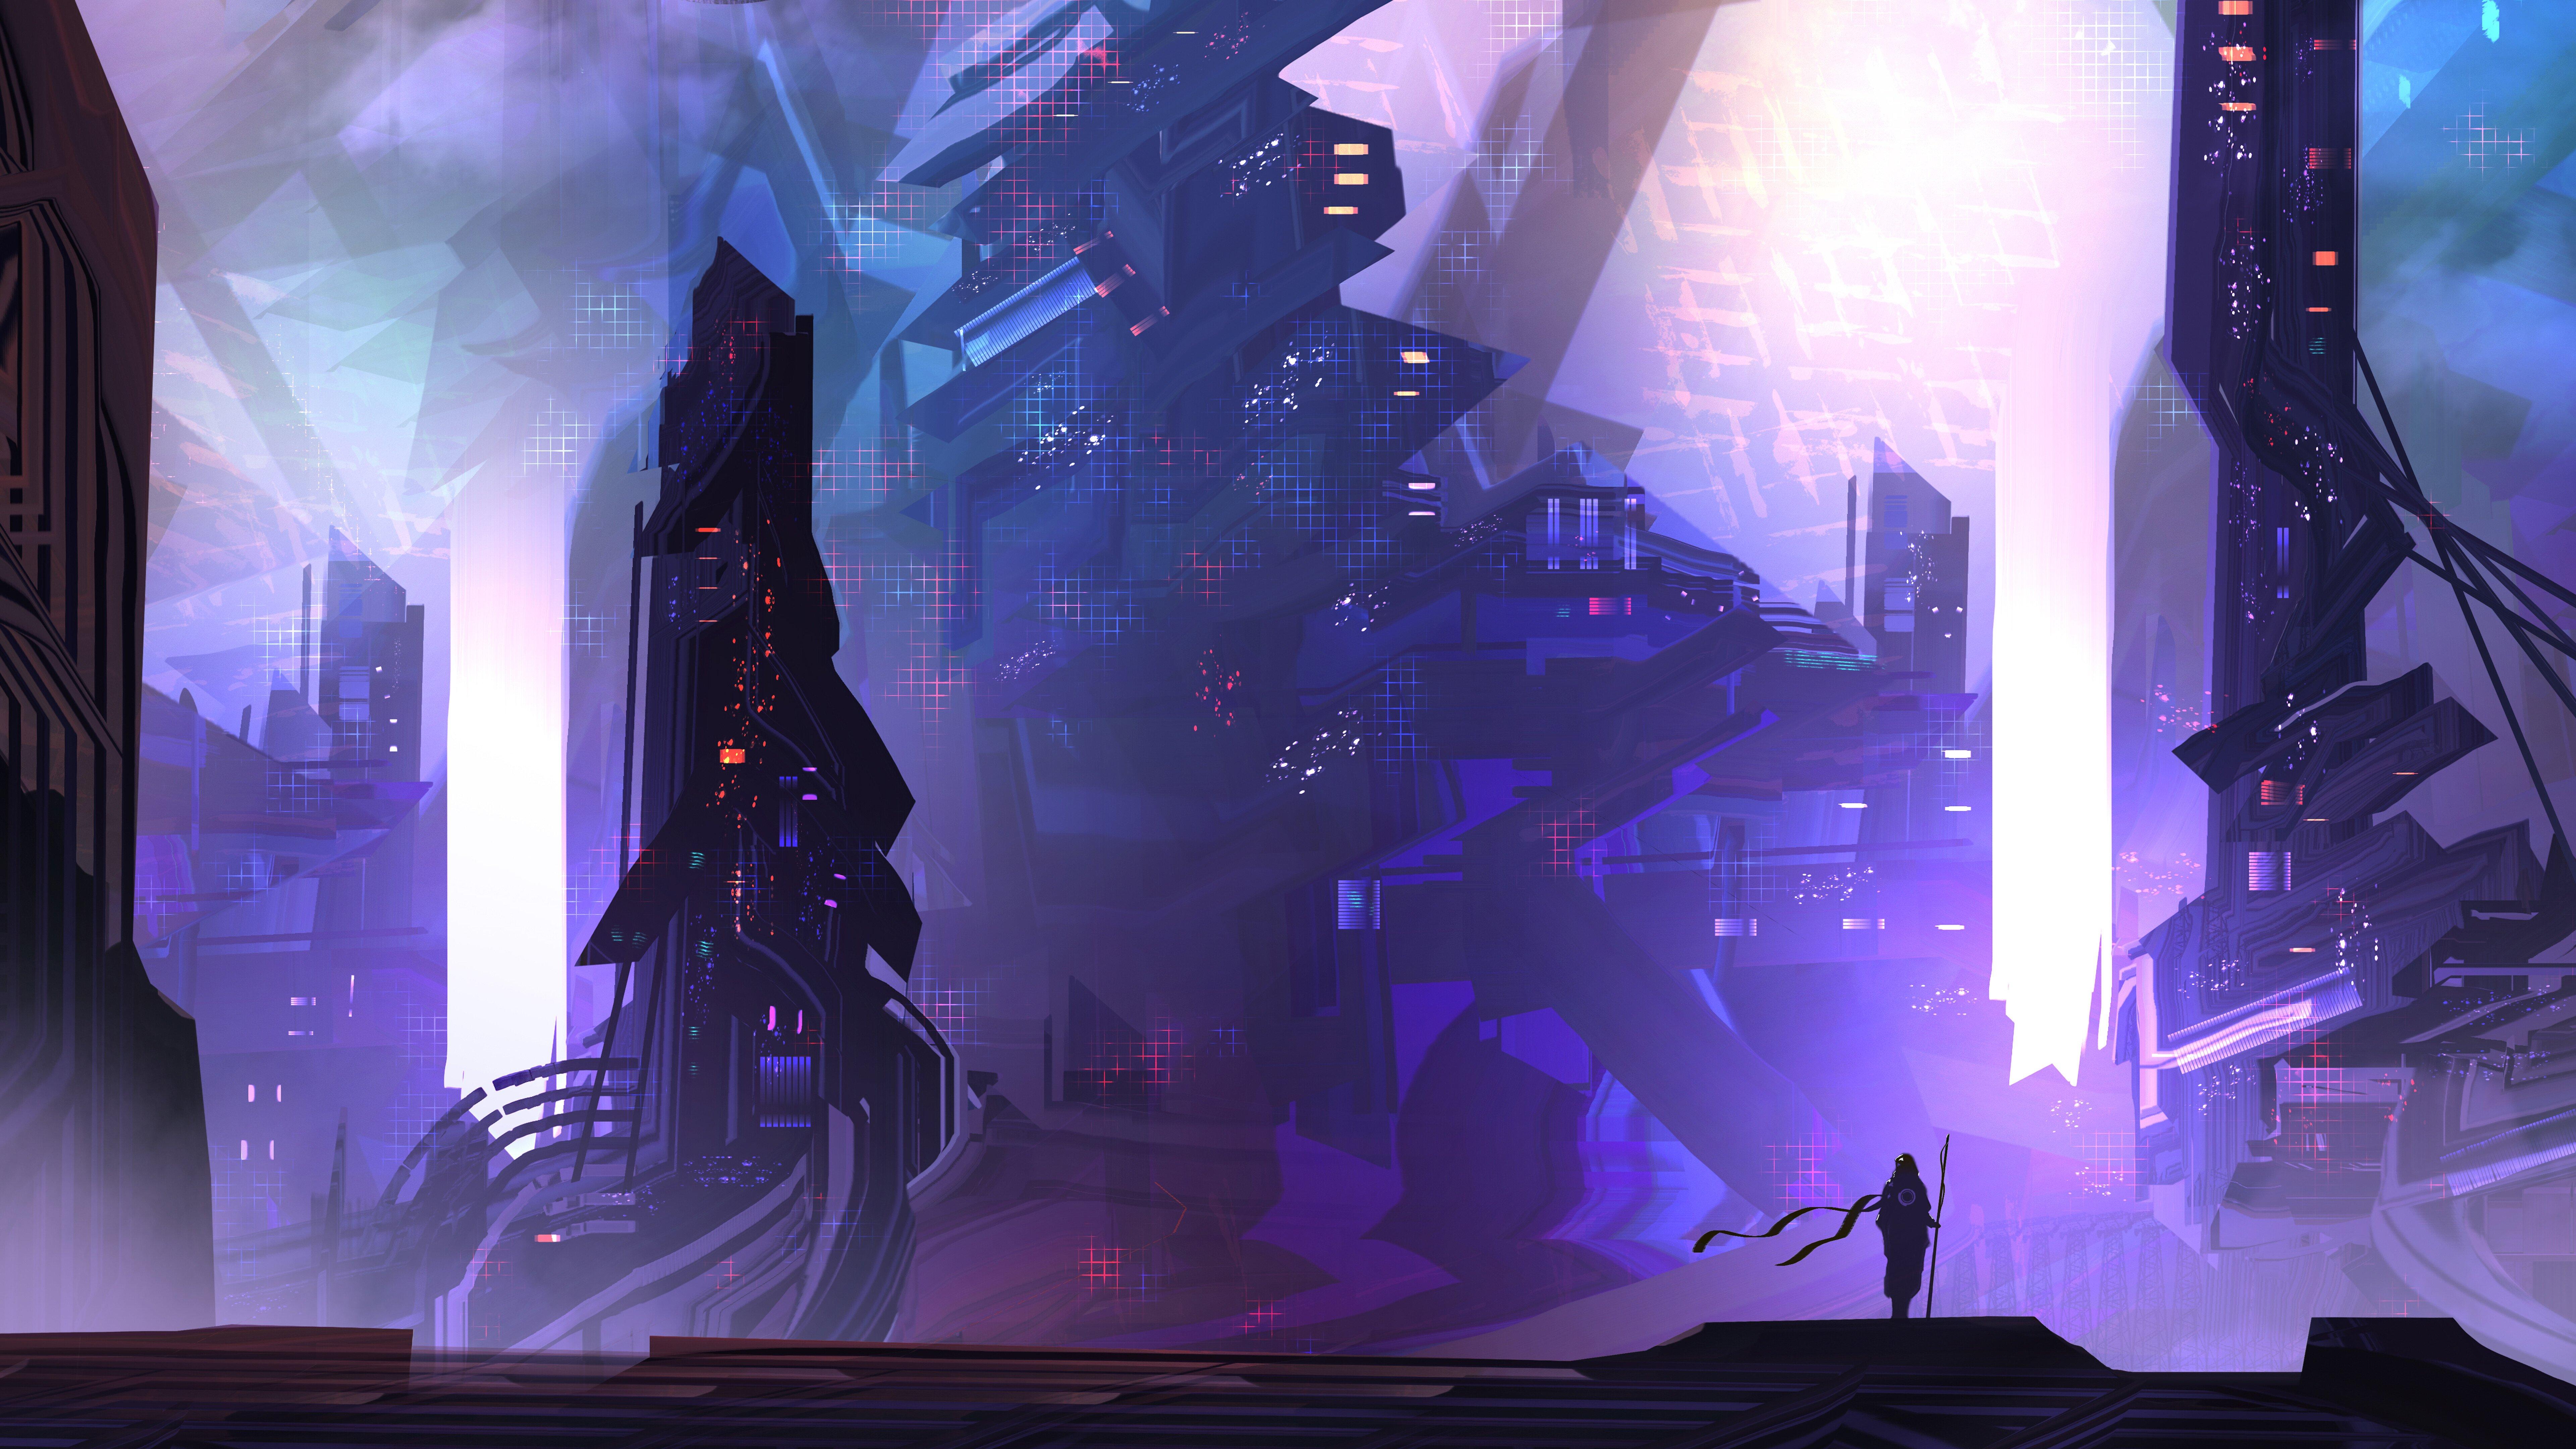 Fondos de pantalla Ciudad ciencia ficción arte digital